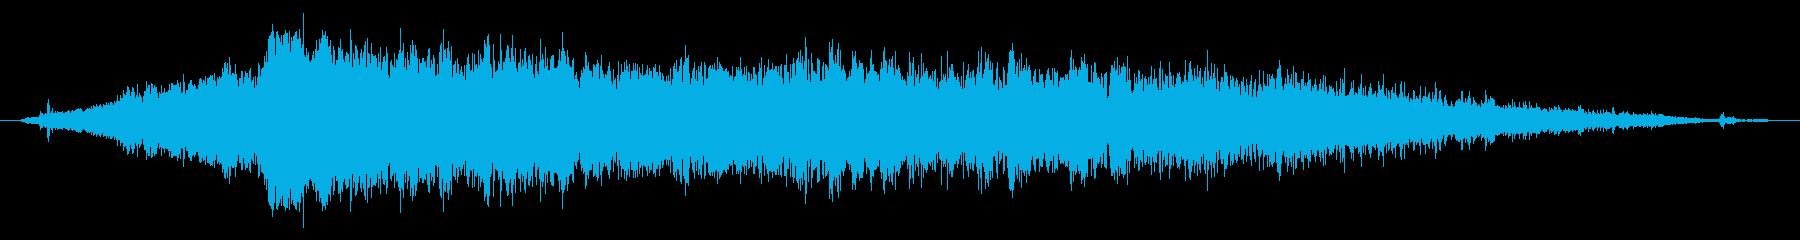 電気自動車:内線:オンボード:ショ...の再生済みの波形